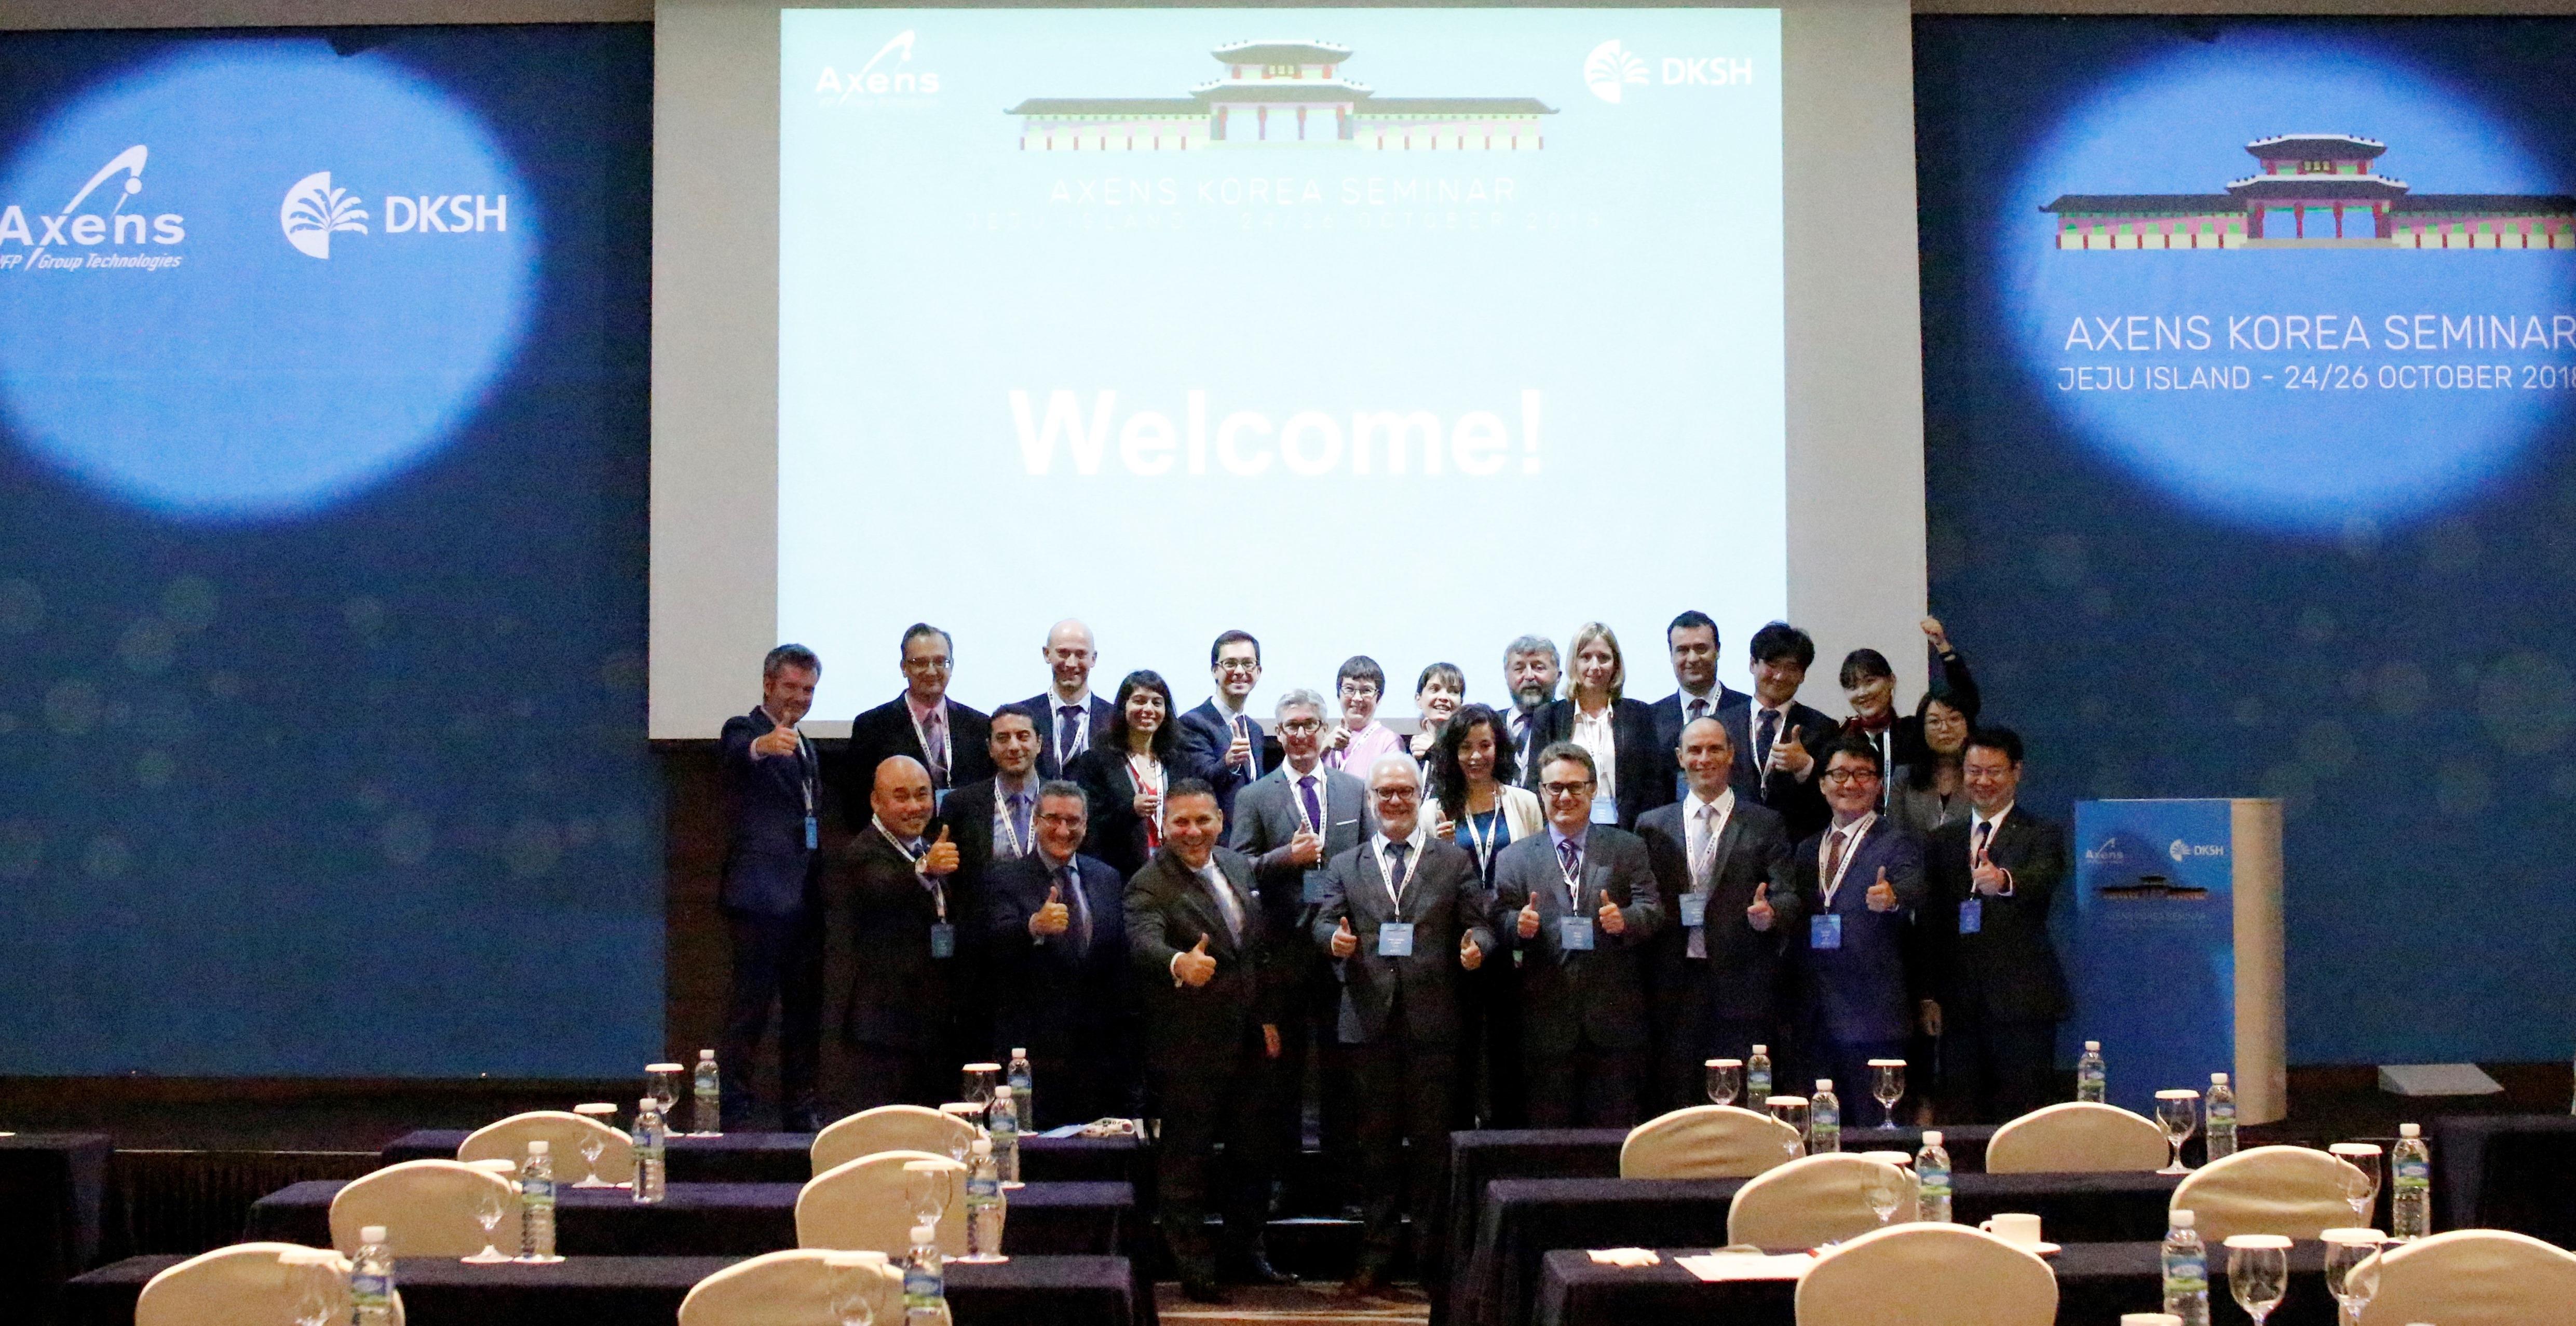 DKSH와 Axens, 12주년 파트너쉽을 맞이해 제 3회 공동 세미나 성공적으로 개최